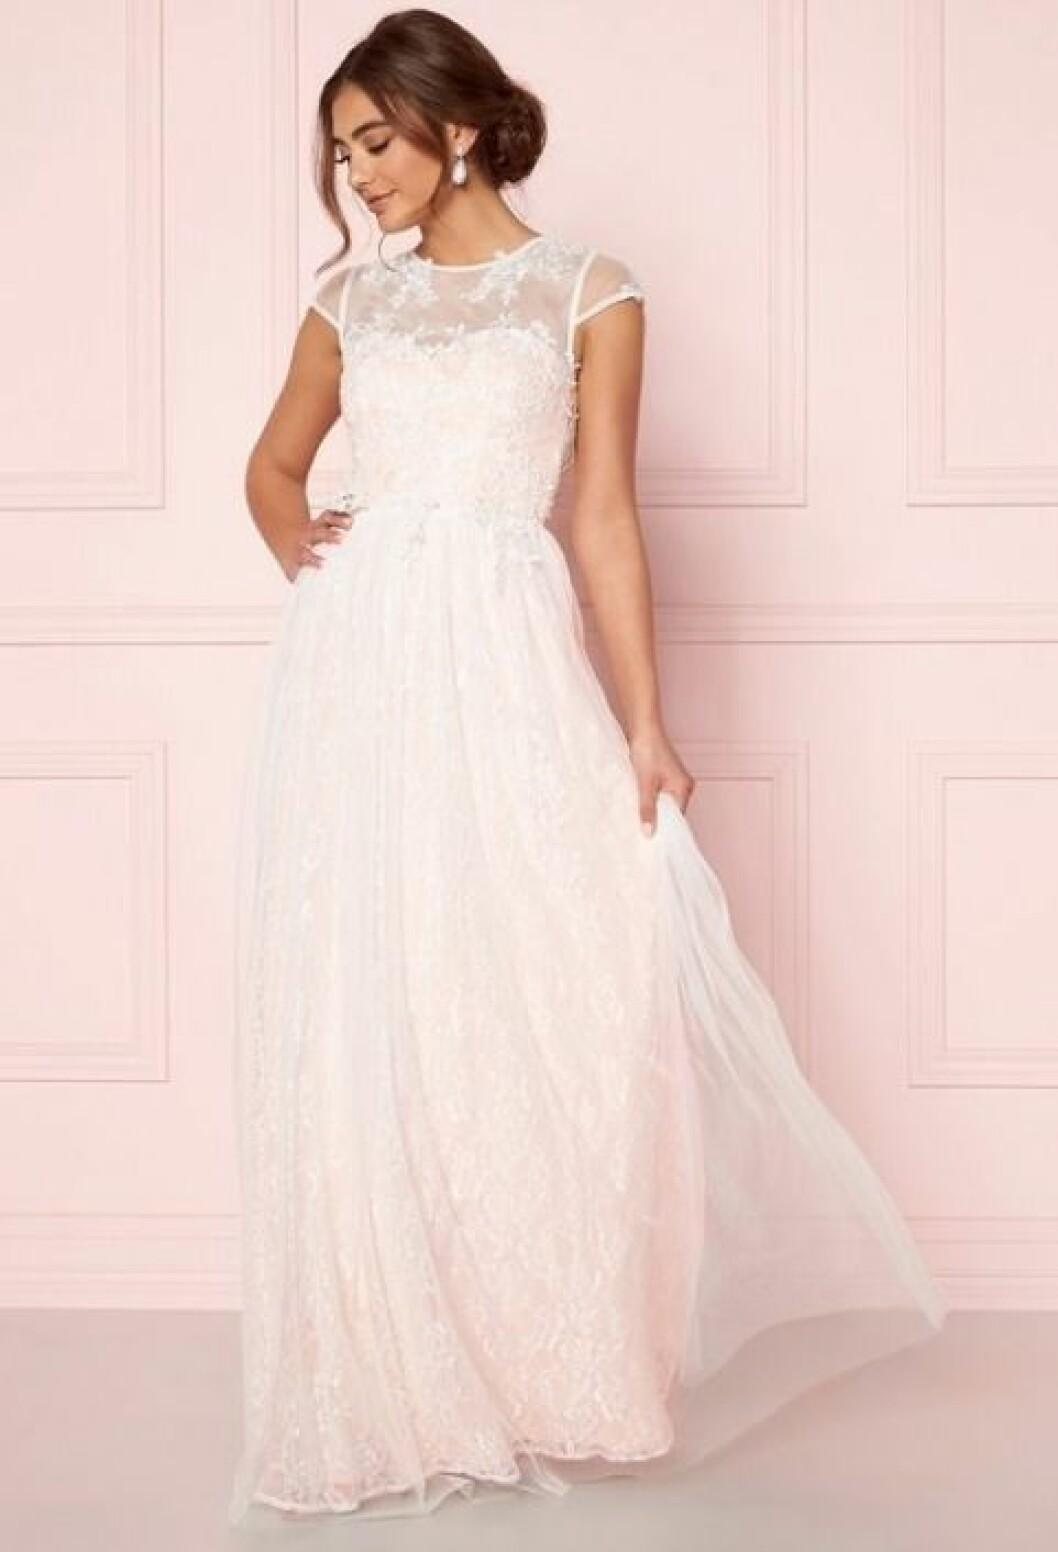 En bild på en ljusrosa brudklänning med spetsdetaljer från Bubbleroom.